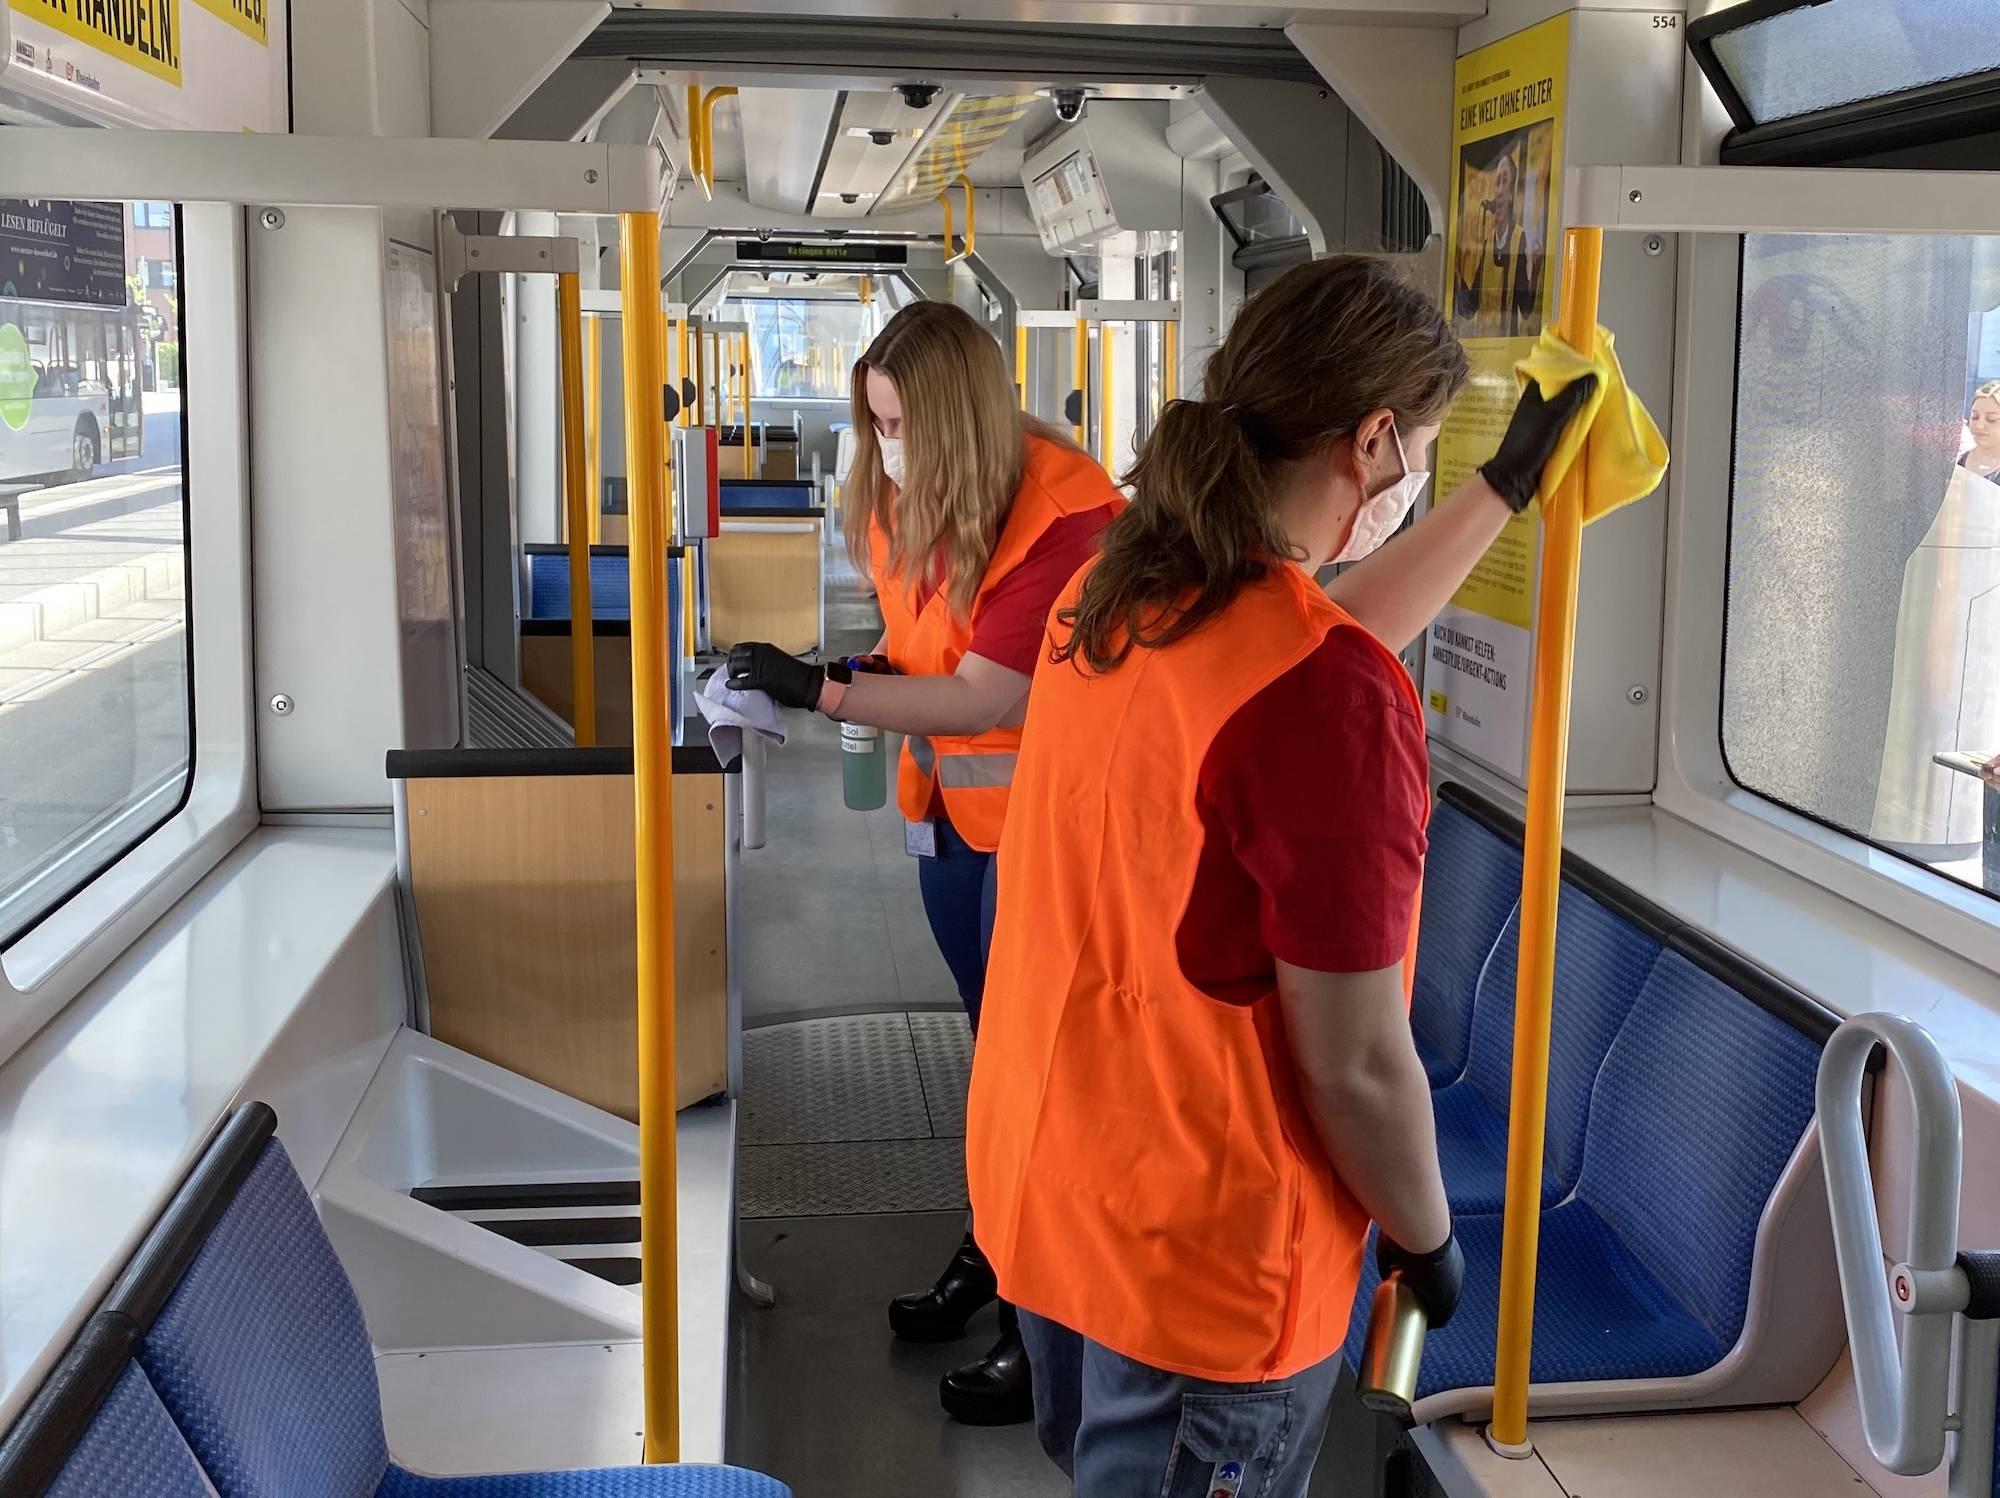 Azubis reinigen in den Rheinbahn-Fahrzeugen Haltestangen, Türtasten und Fahrkartenautomaten.